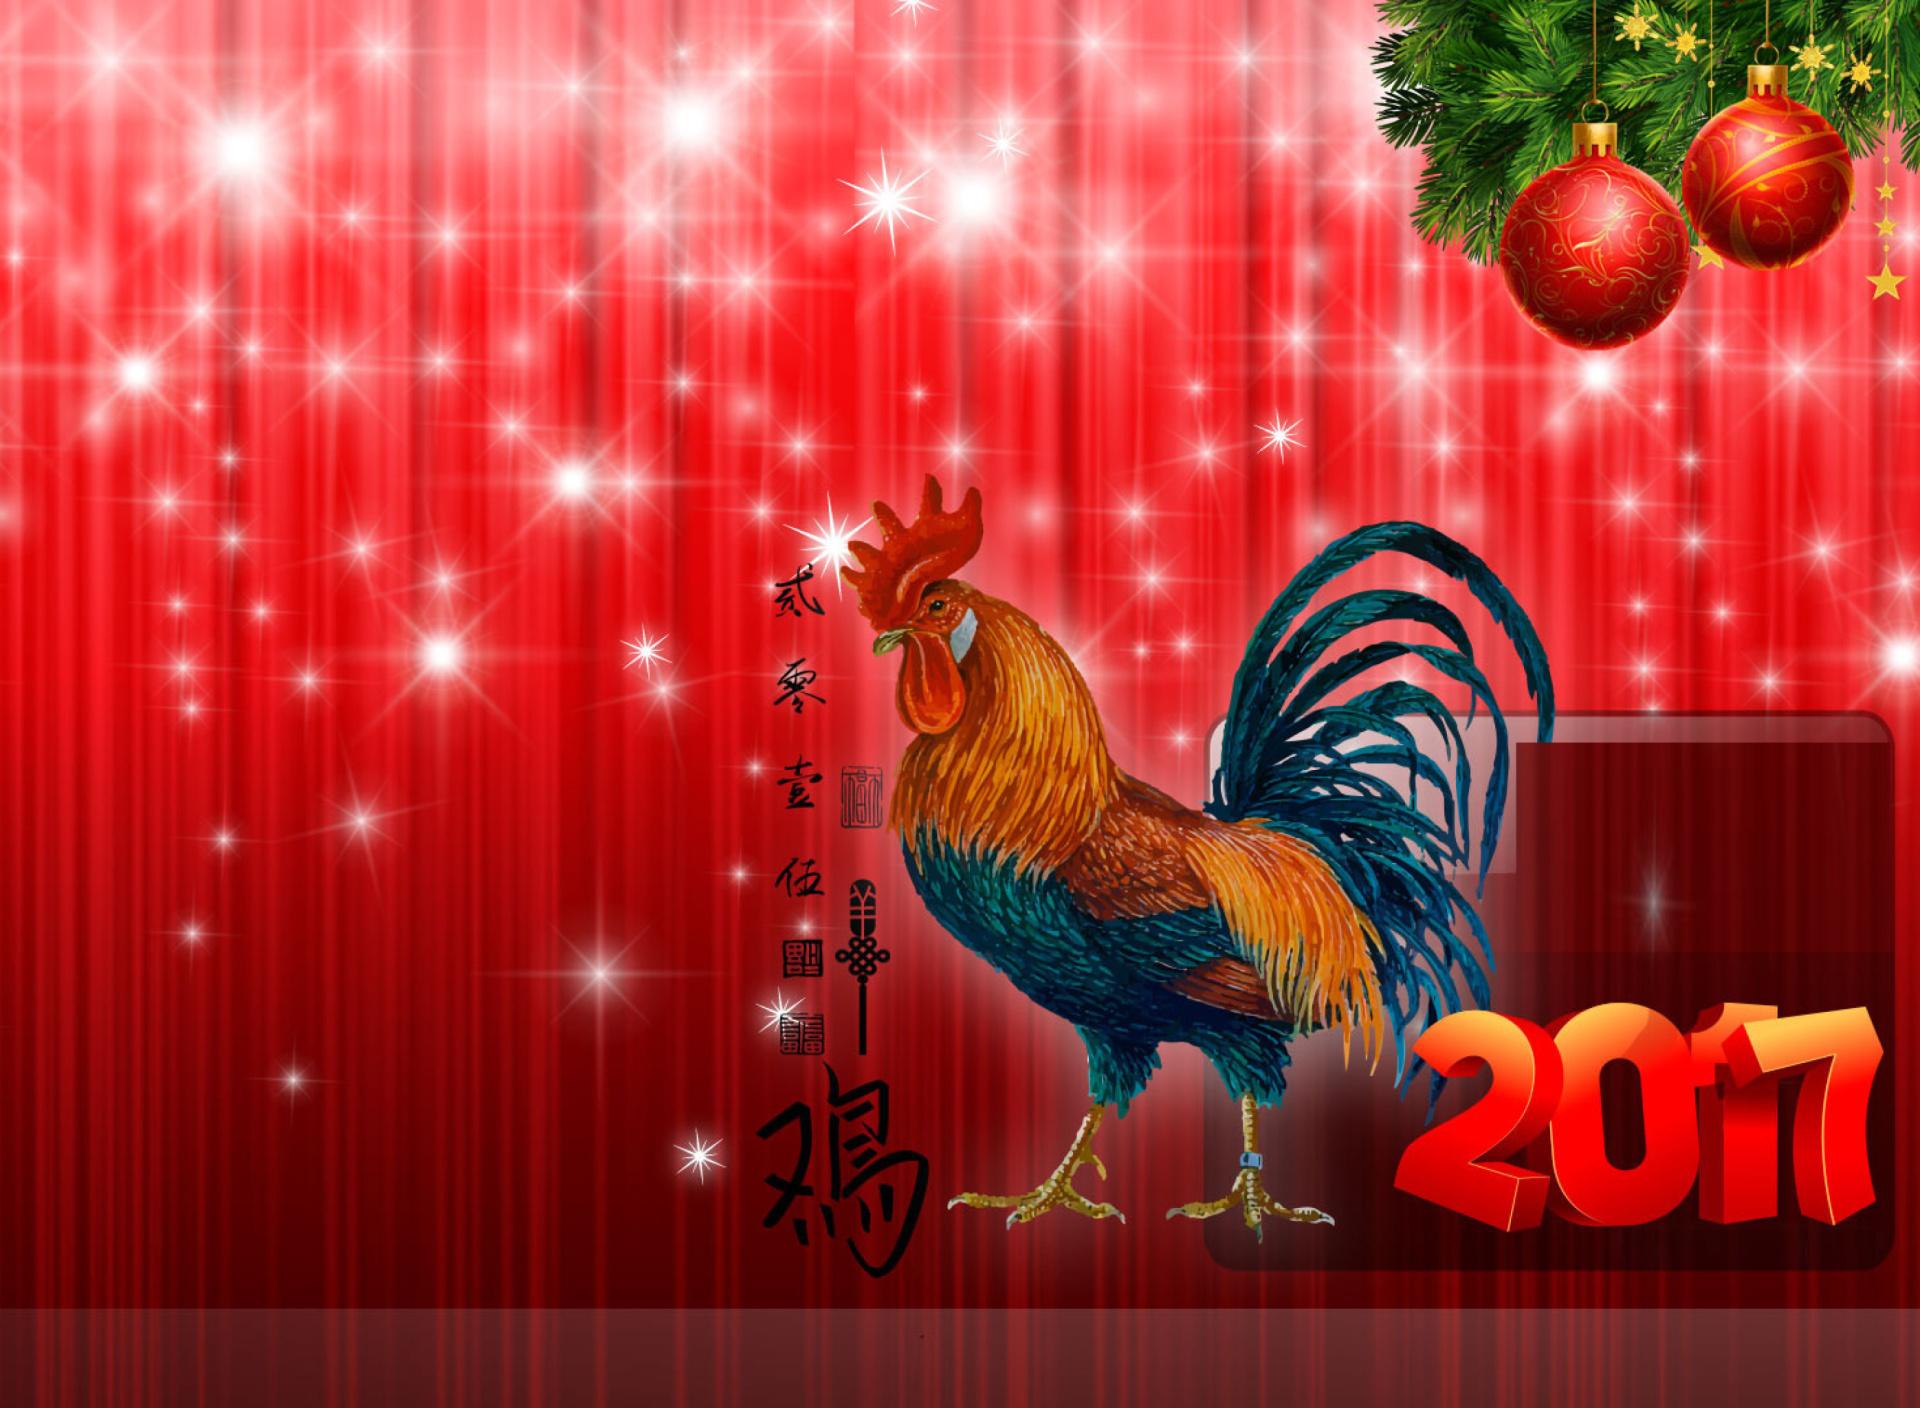 Открытки на новый год 2017 простые